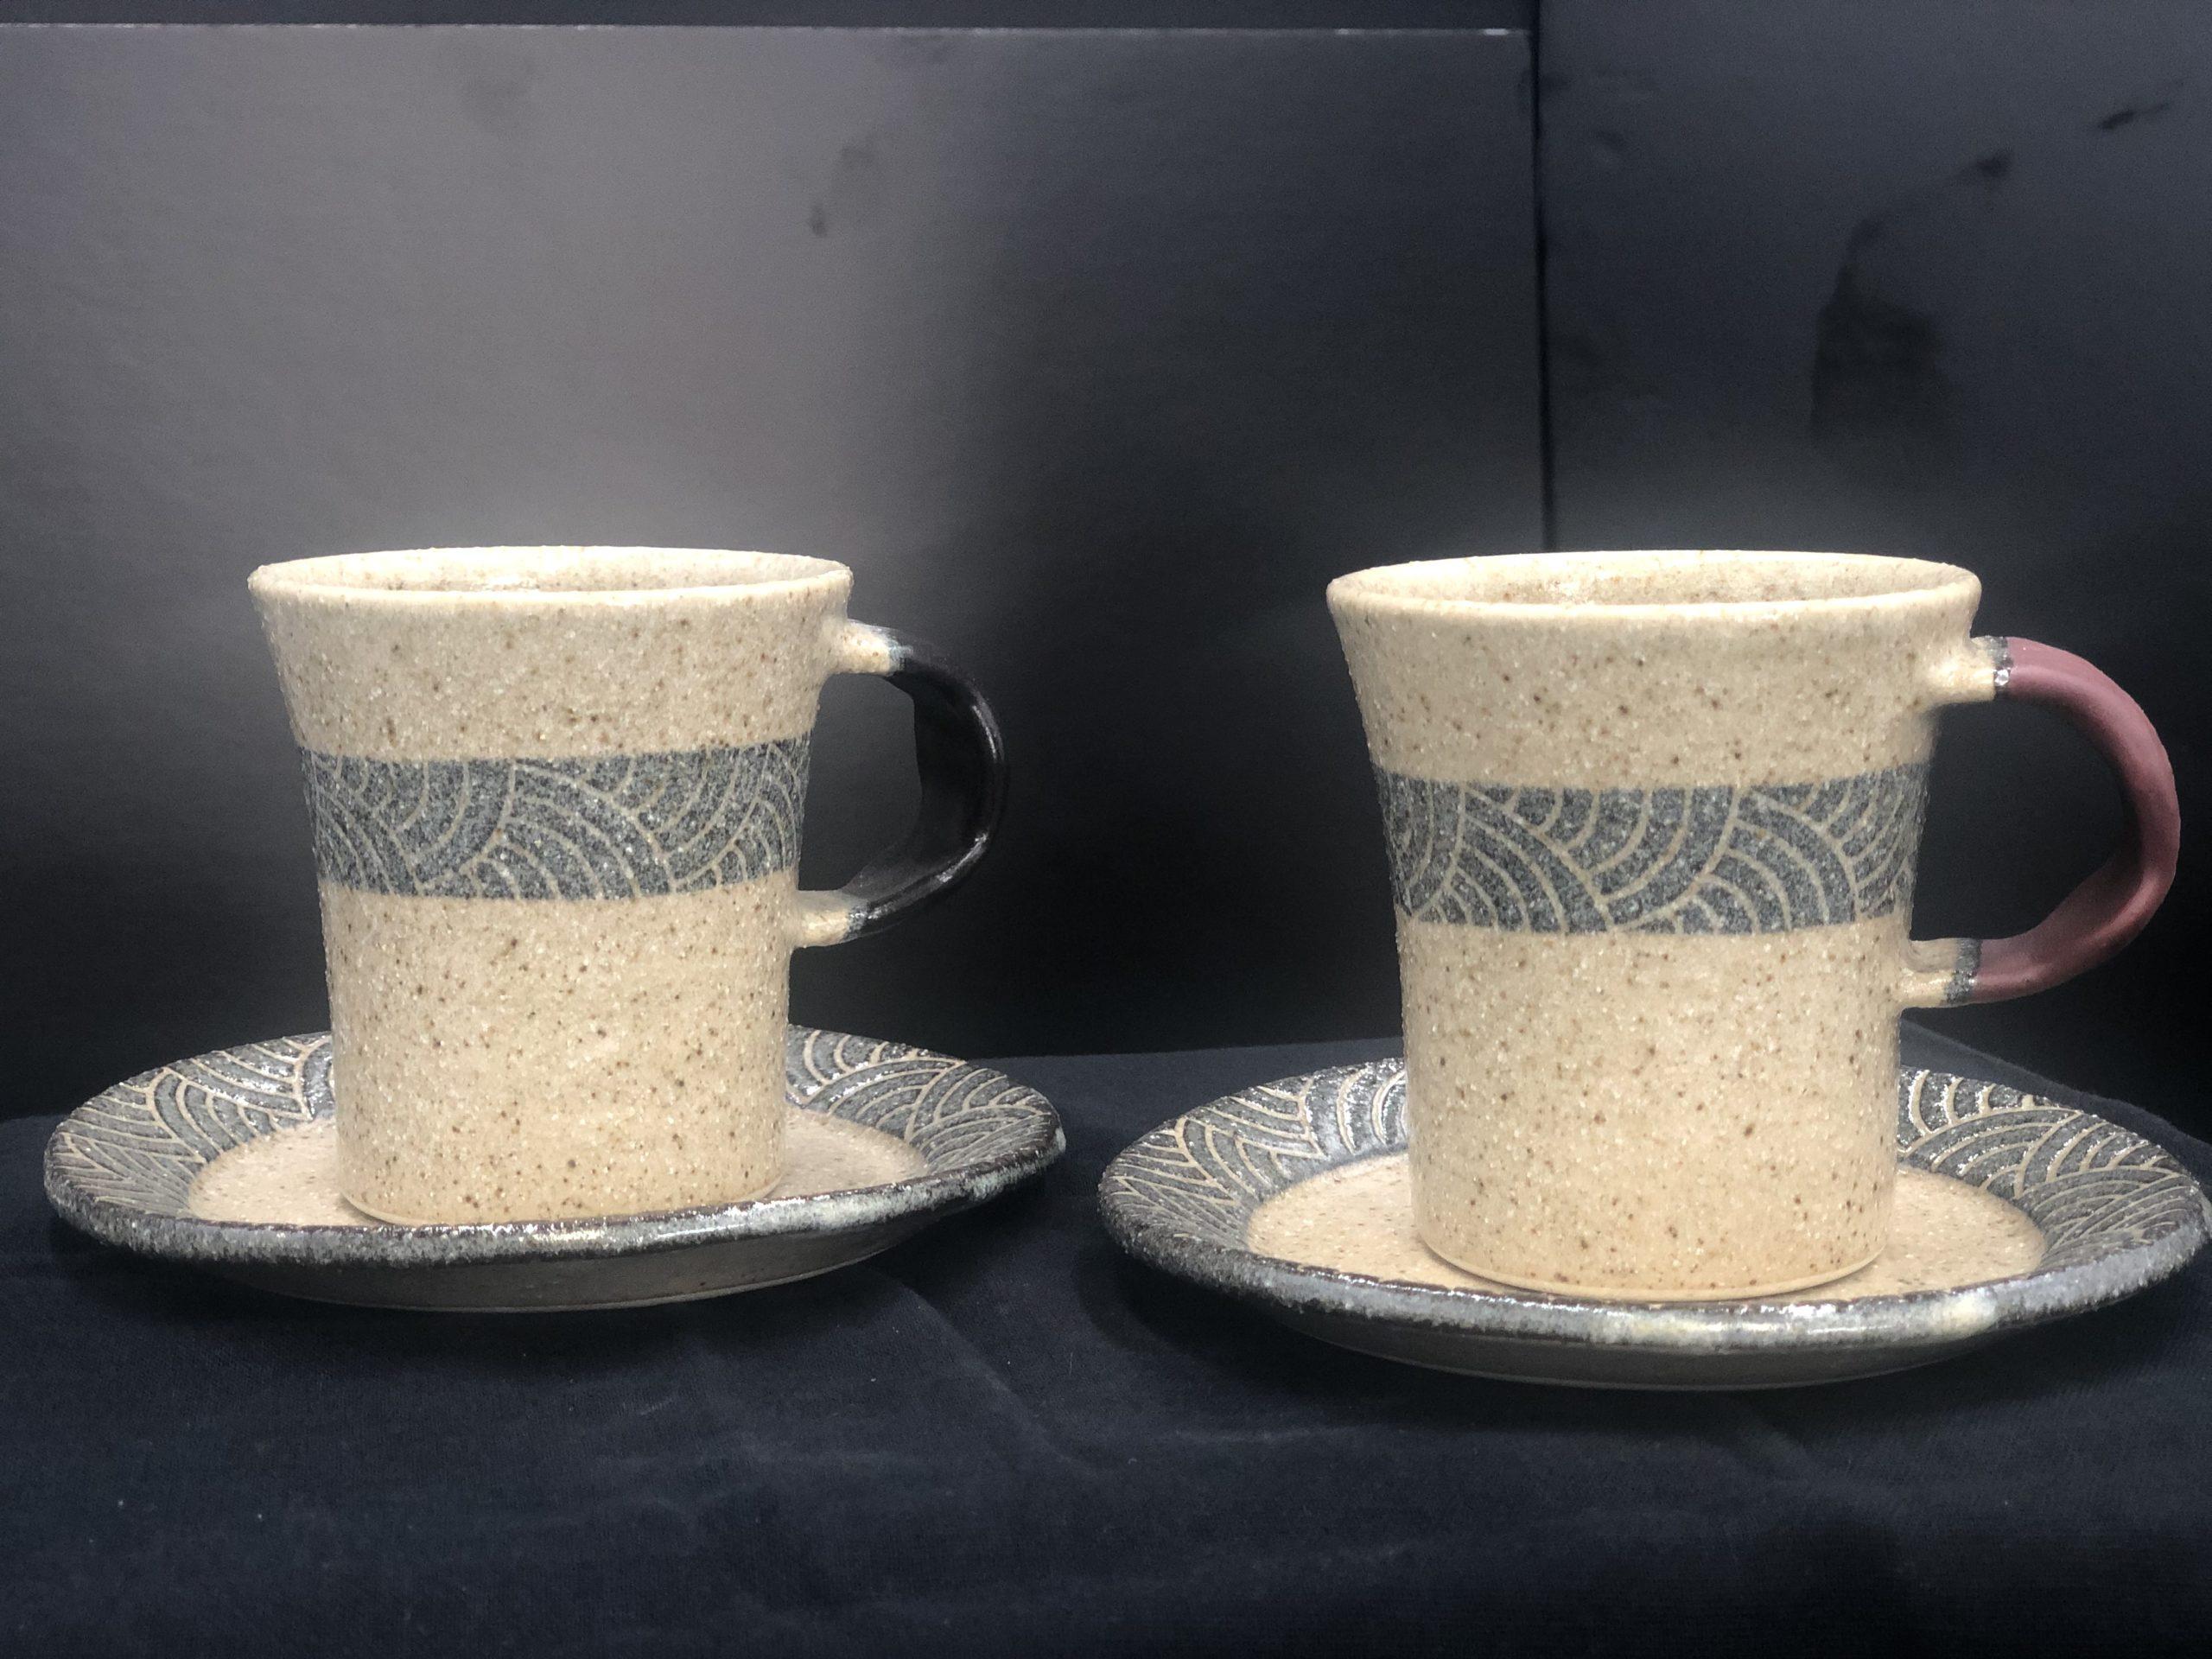 コーヒーソーサー兼直13丸平皿とセットで使うと素敵です。ペアで贈り物としても喜ばれます。